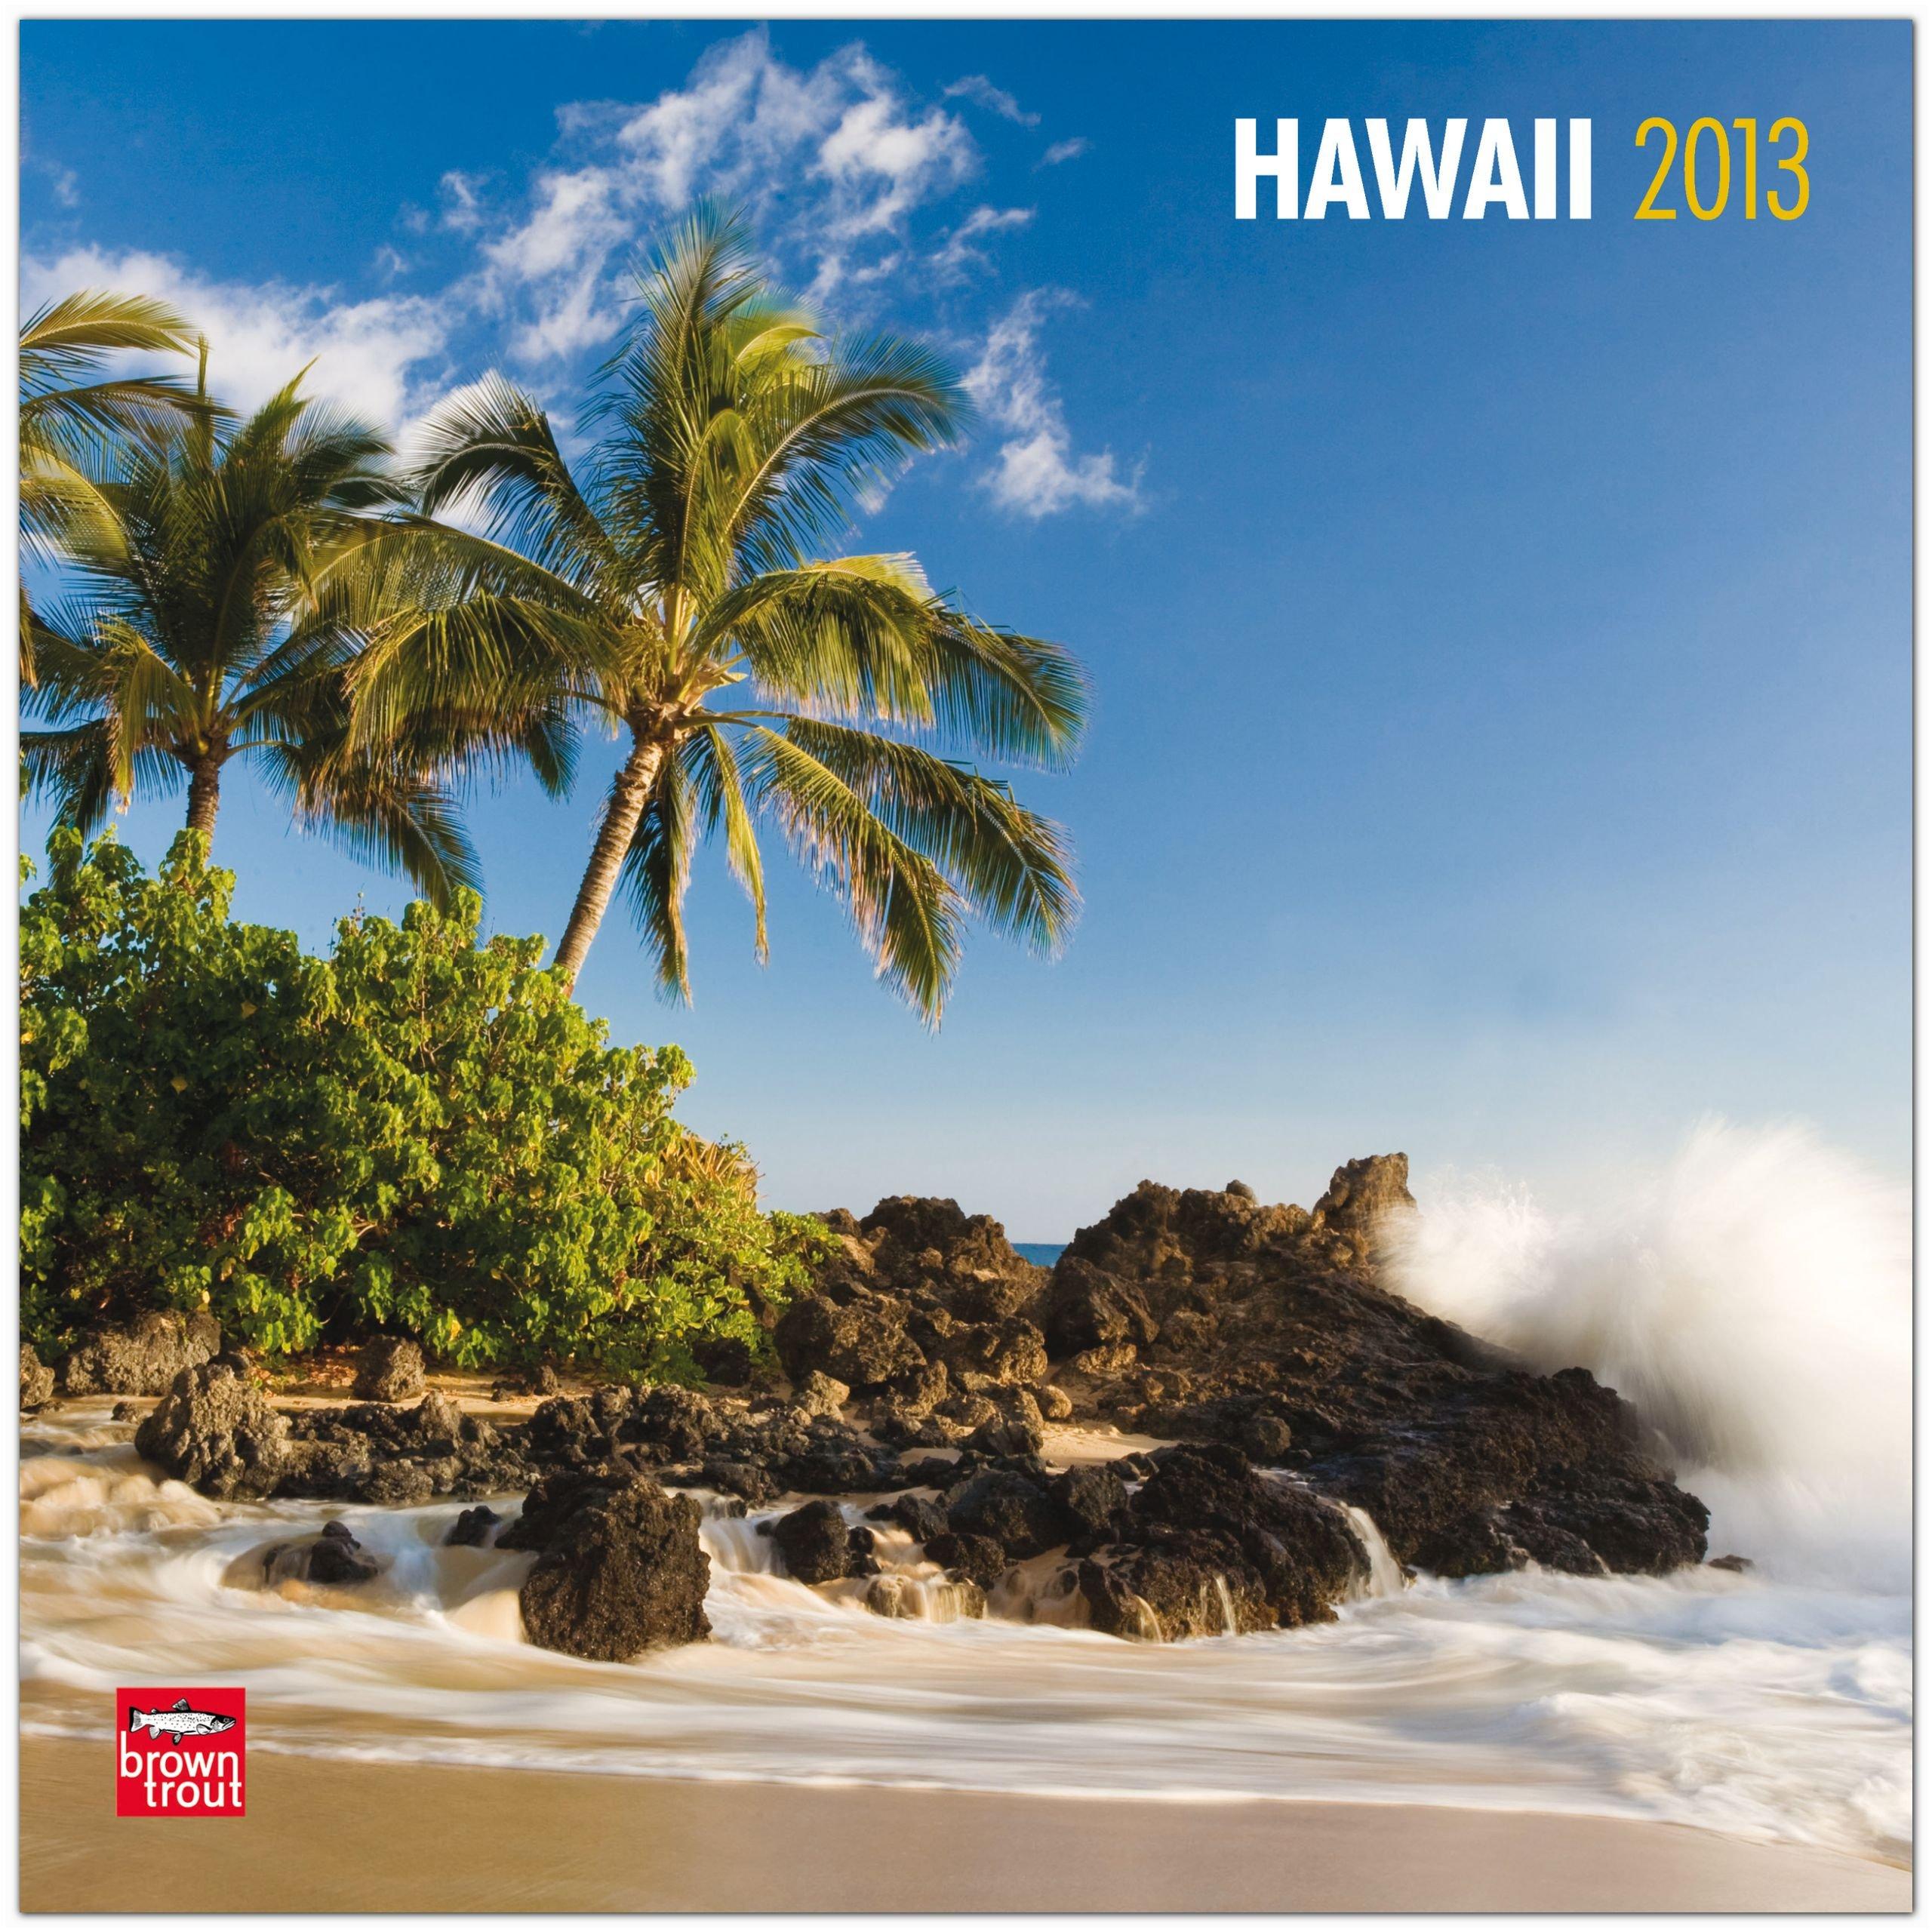 Hawaii 2013 - Original BrownTrout-Kalender